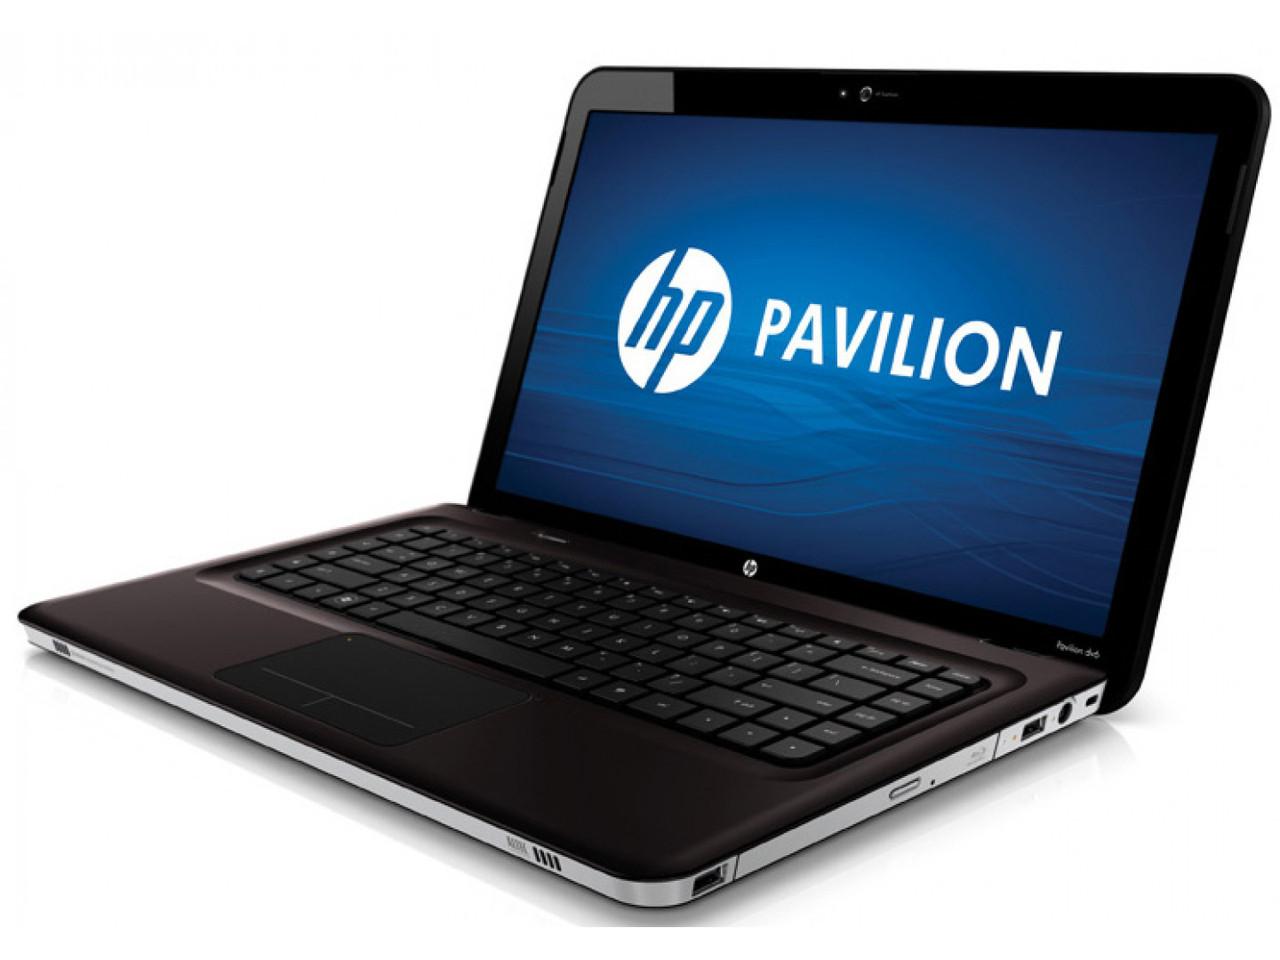 Ноутбук HP Pavilion dv6-2150so-AMD Turion II P520-2.3GHz-4Gb-DDR2-500Gb-HDD-W15.6-Web-DVD-R-(B-)- Б/У